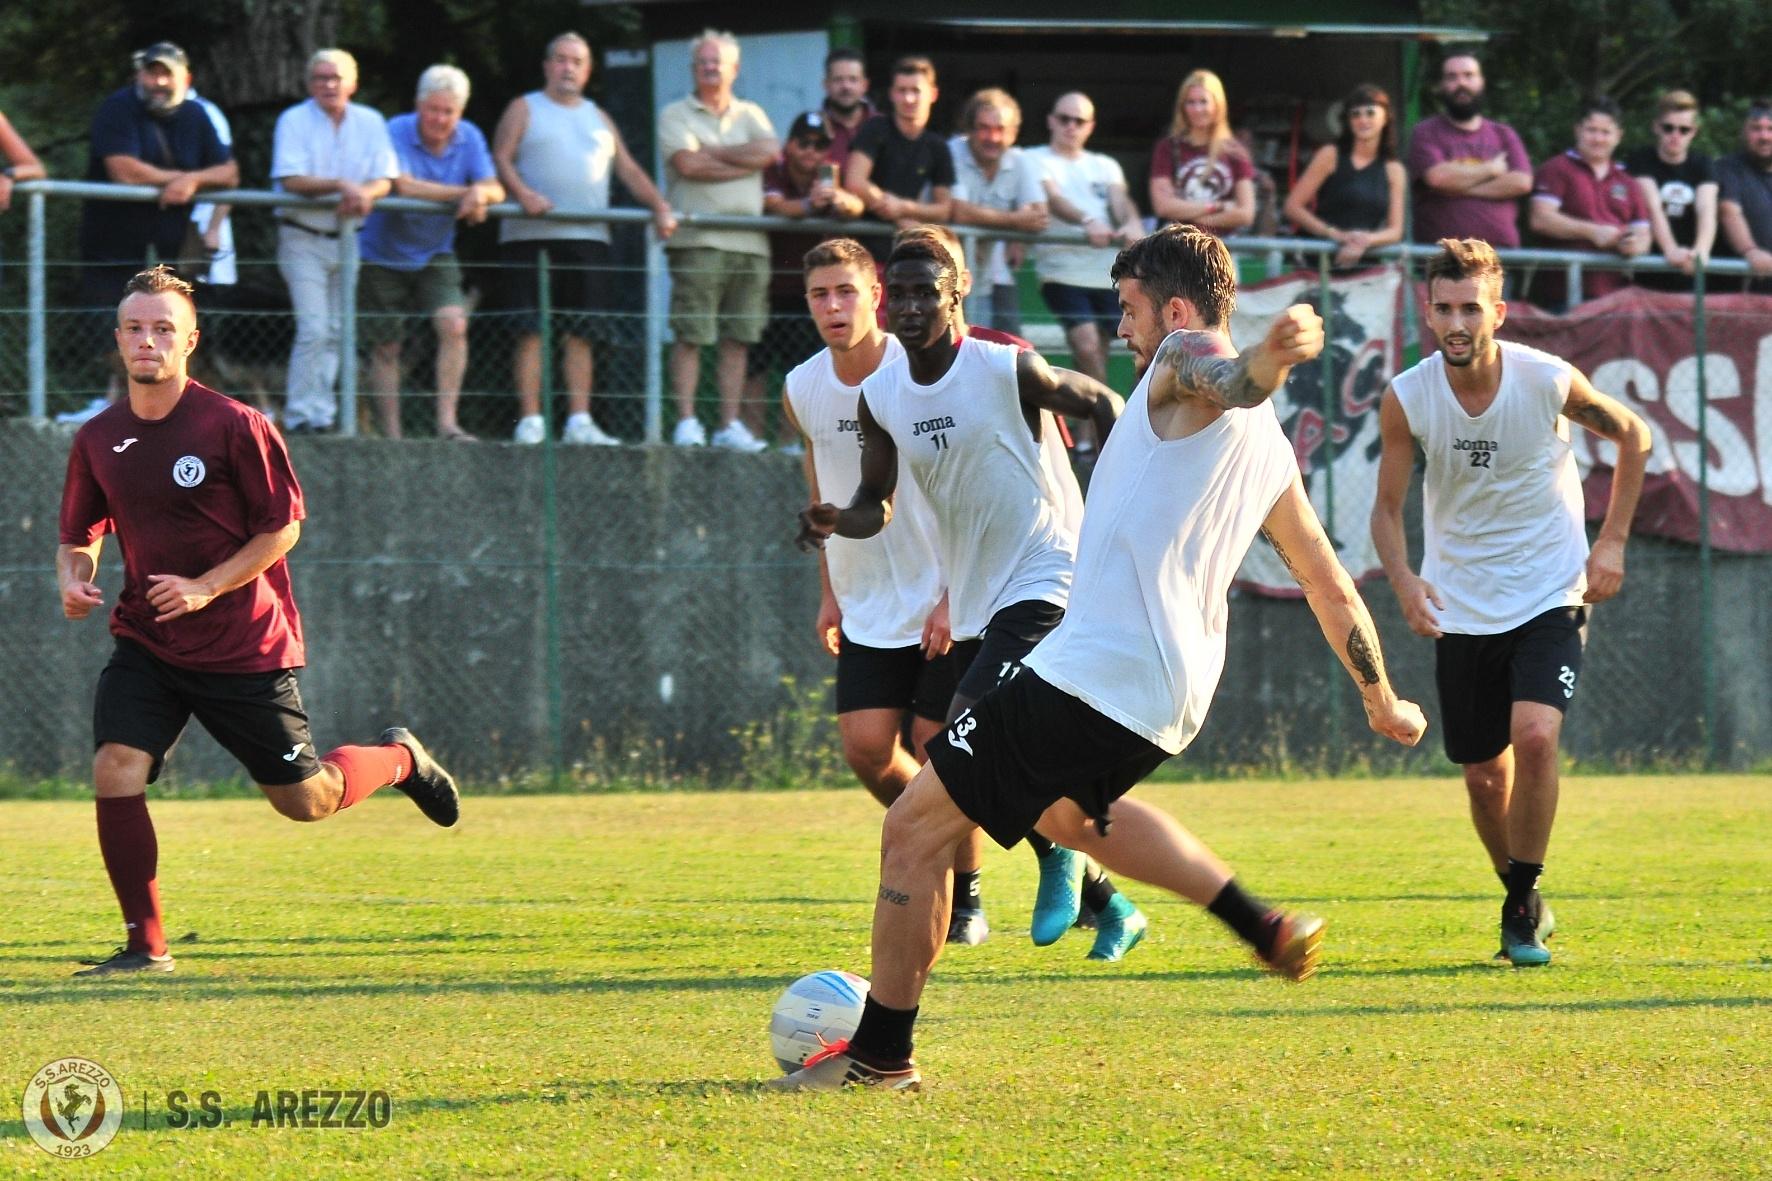 SS AREZZO Domenica 26 agosto amichevole contro la Vis Pesaro - SS AREZZO 6e22f6cd0ad1